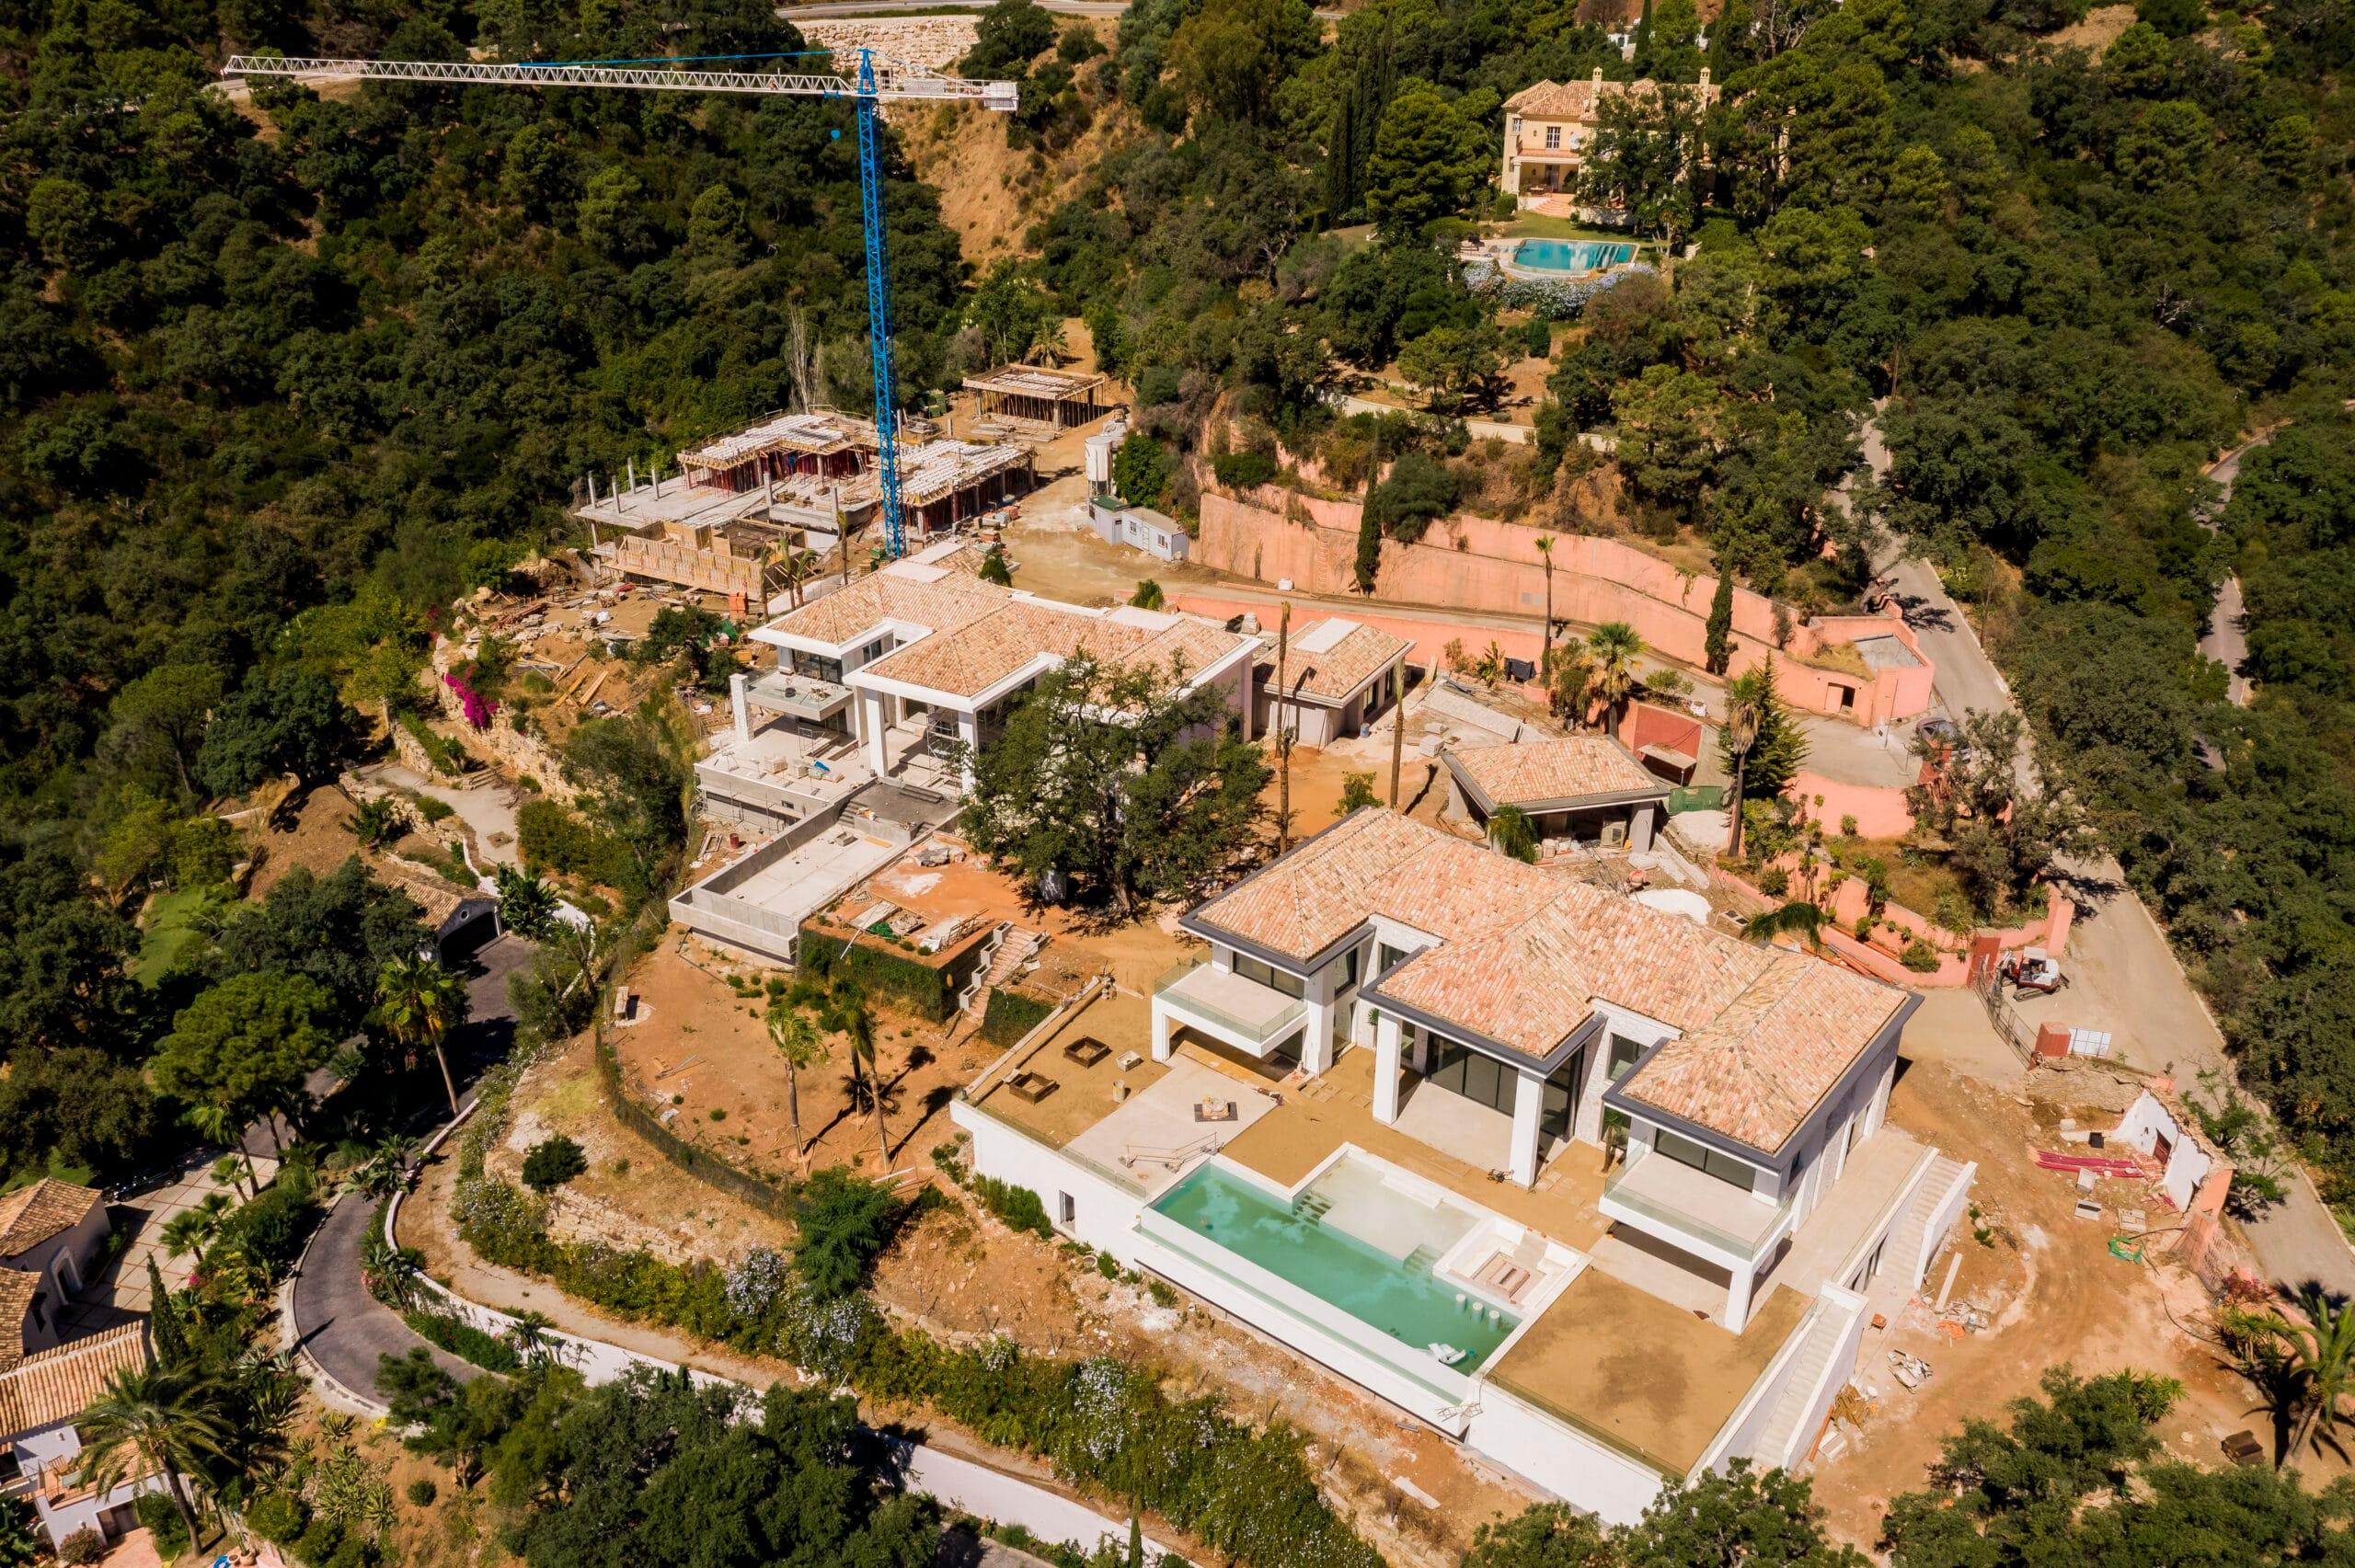 ¿Qué puede ofrecer un constructor de viviendas de lujo en este nuevo ritmo de vida?